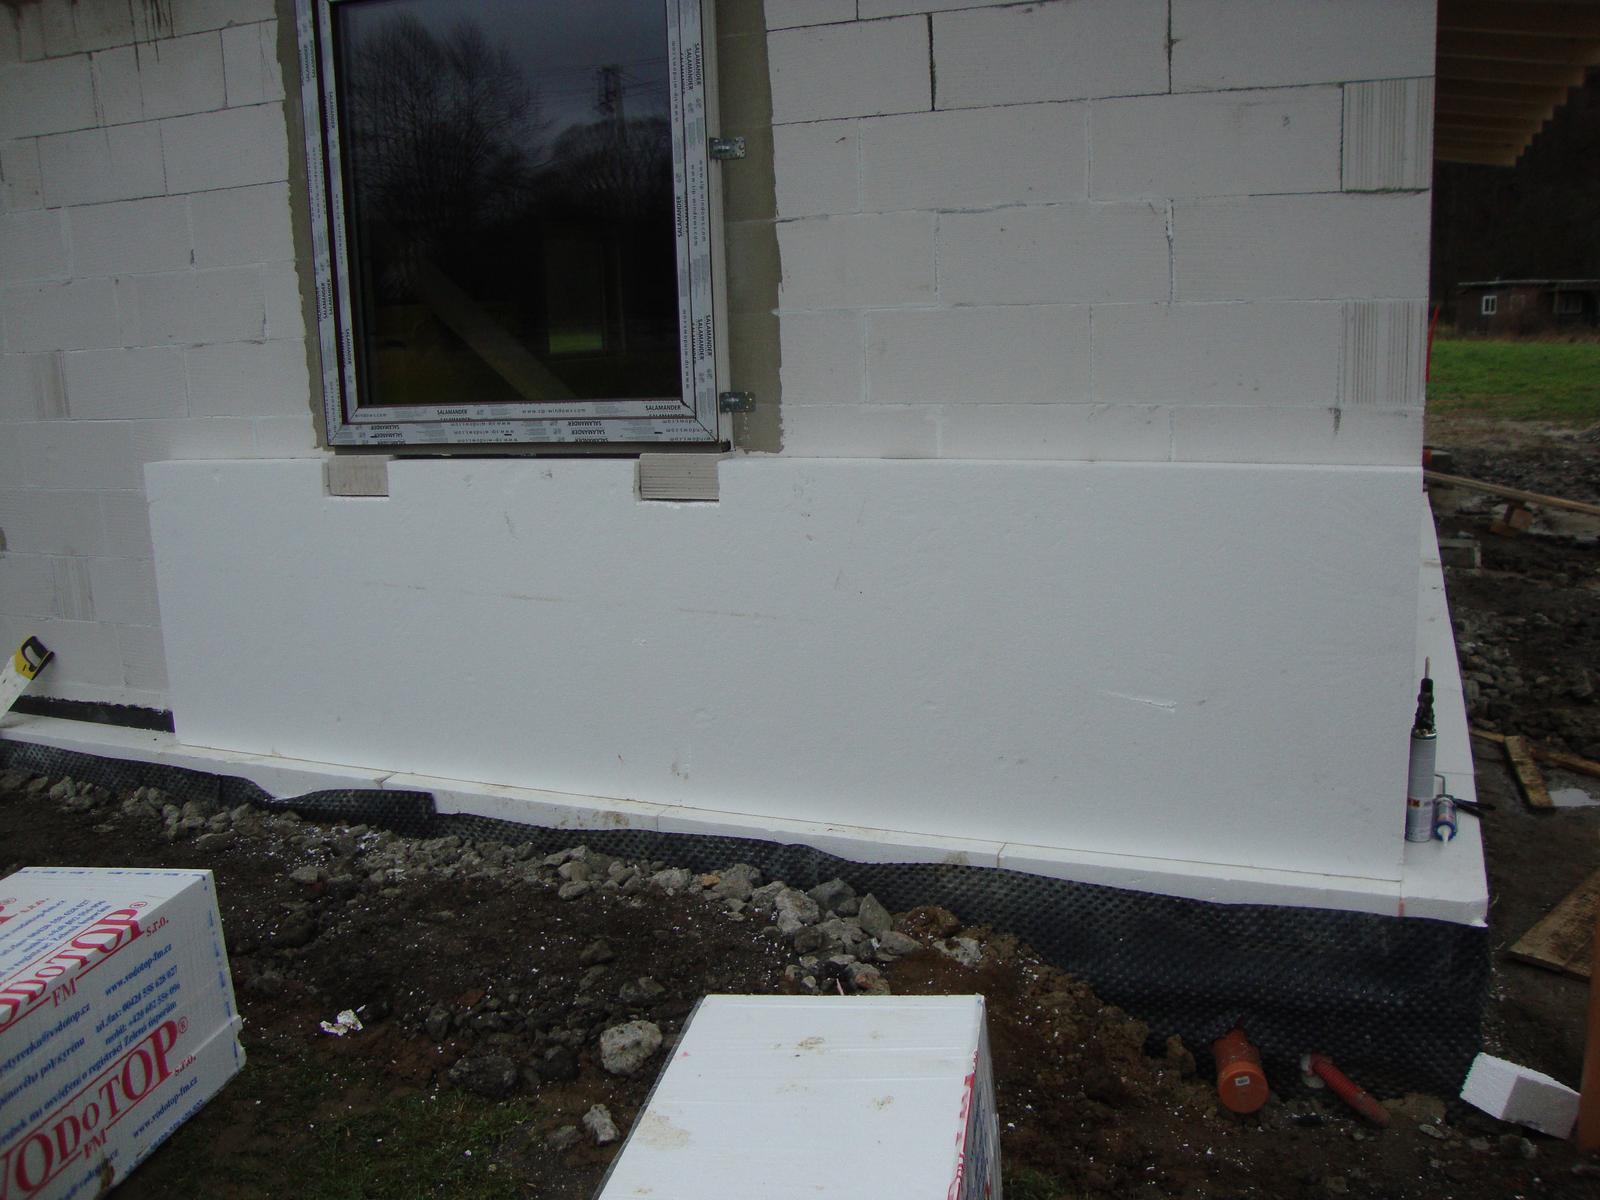 Efektivní bydlení - první vrstvu v rizikových místech (kolem oken a rohu) ukotvím, druha vrstva eps kotvy schová a překryje všechny mezery